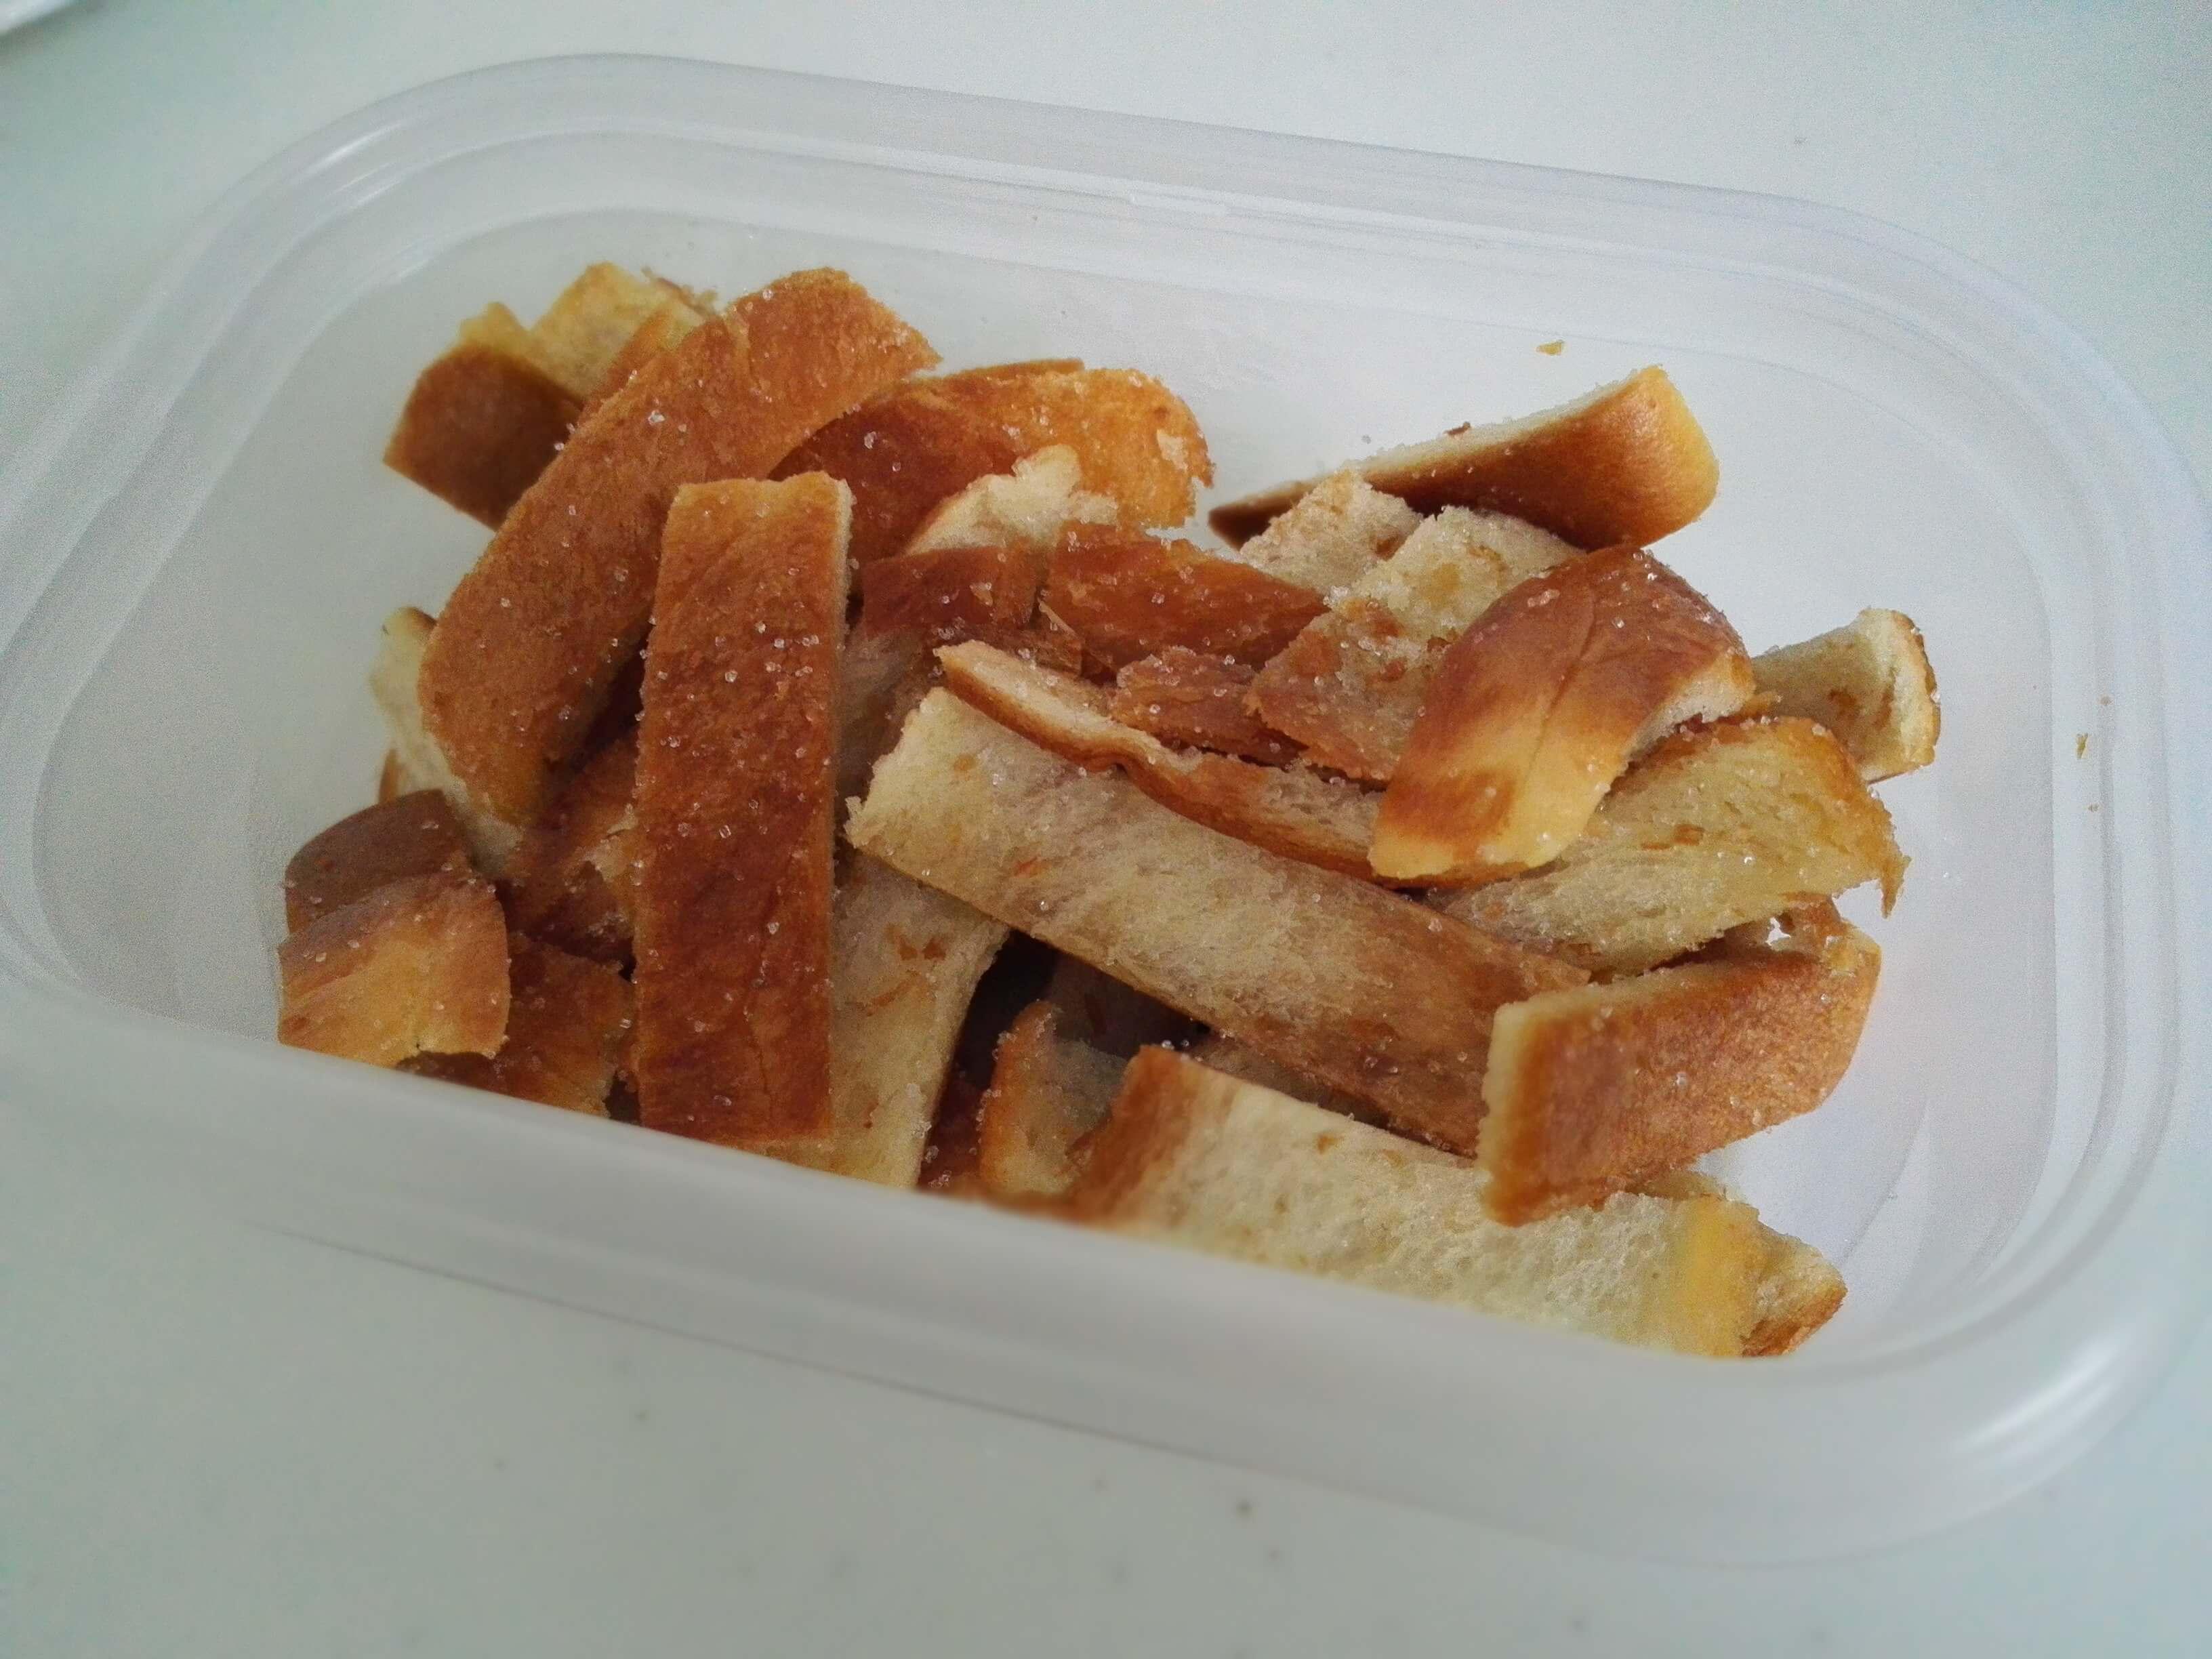 【お菓子】フライパンで焼くだけ!パンの耳でラスクを作りました。